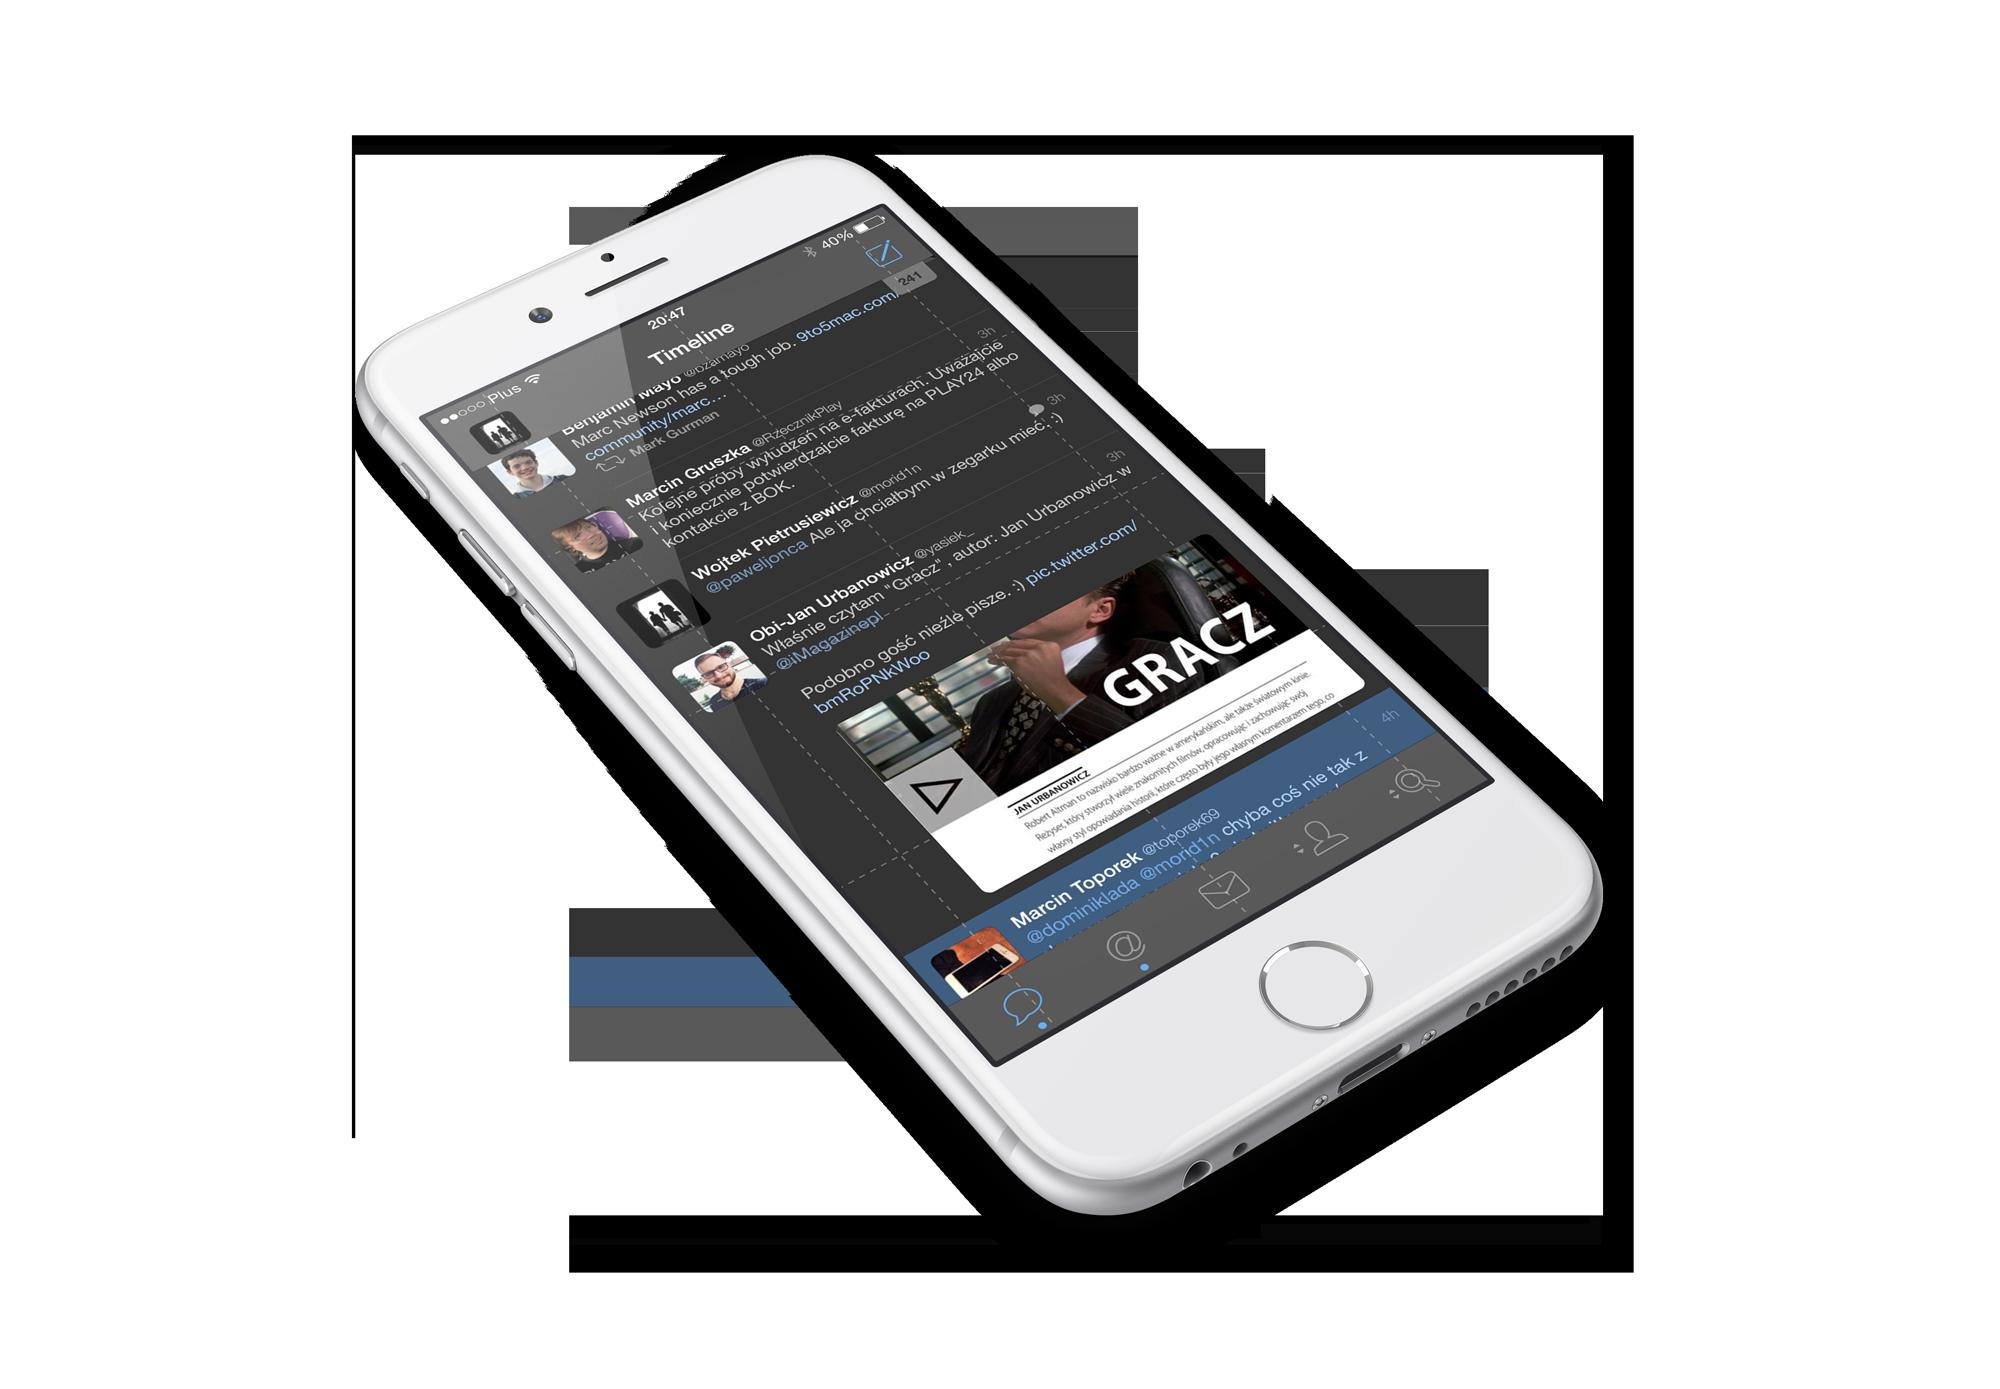 Tweetbot-iPhone-6-timeline-hero-2000px